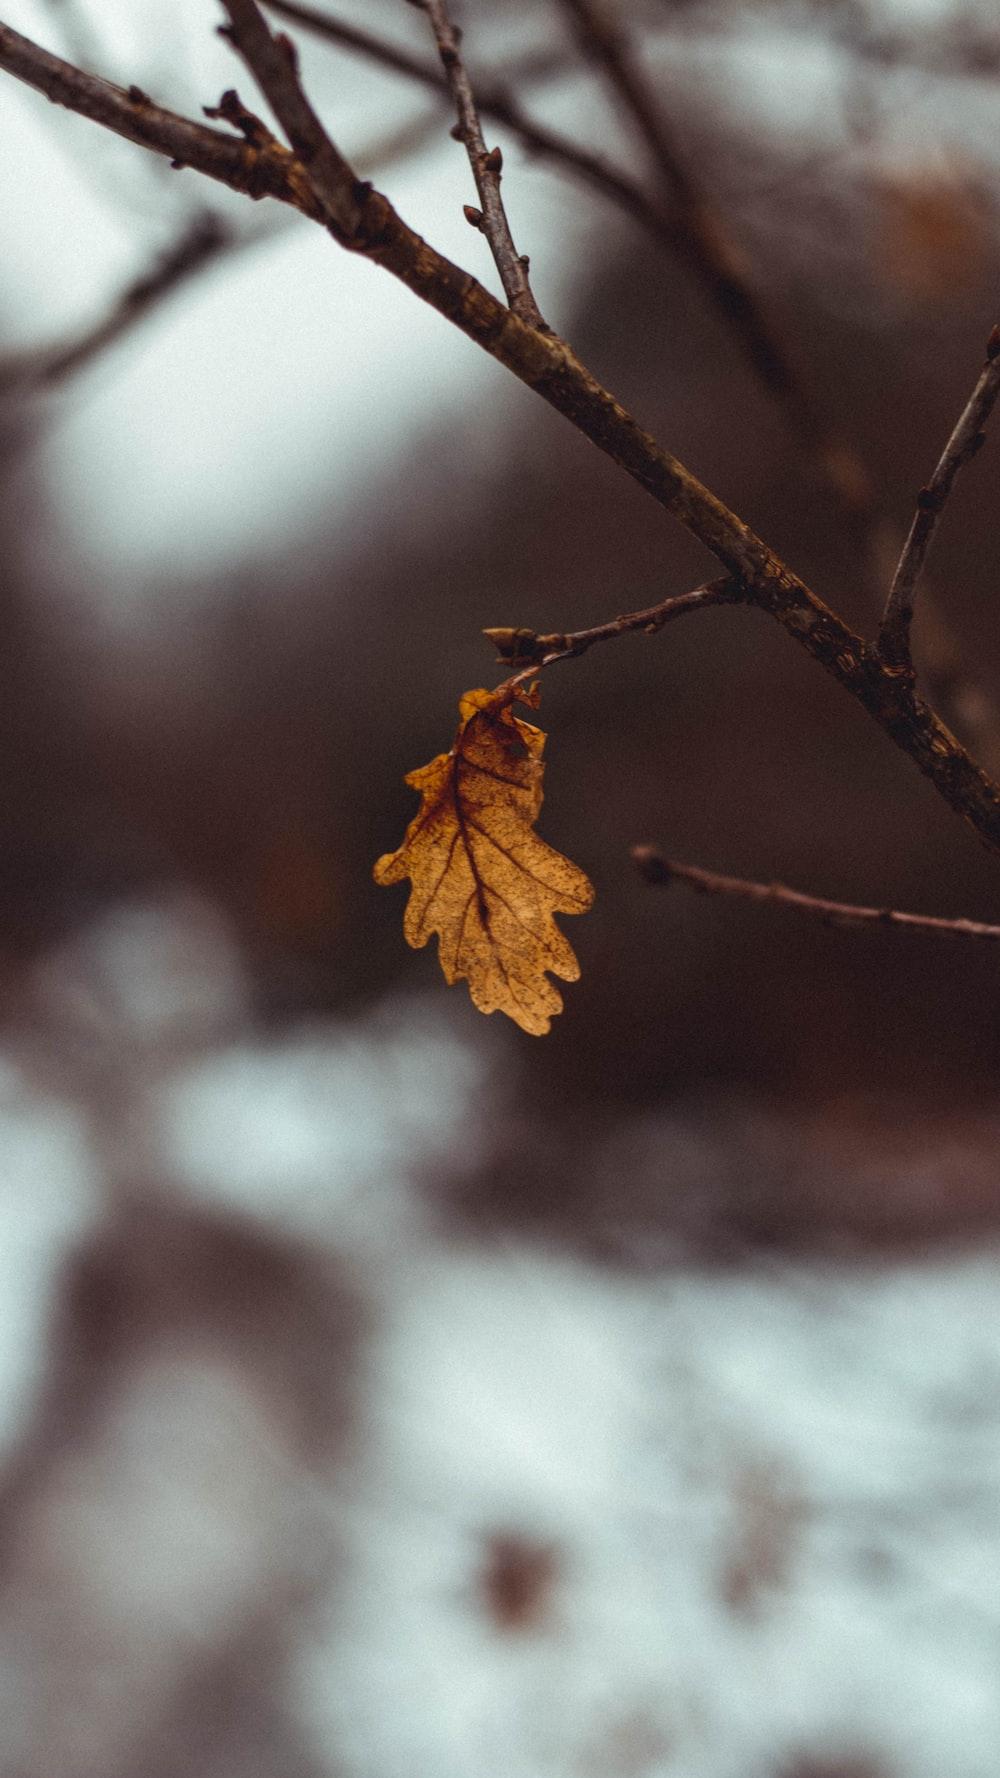 brown leaf on brown tree branch